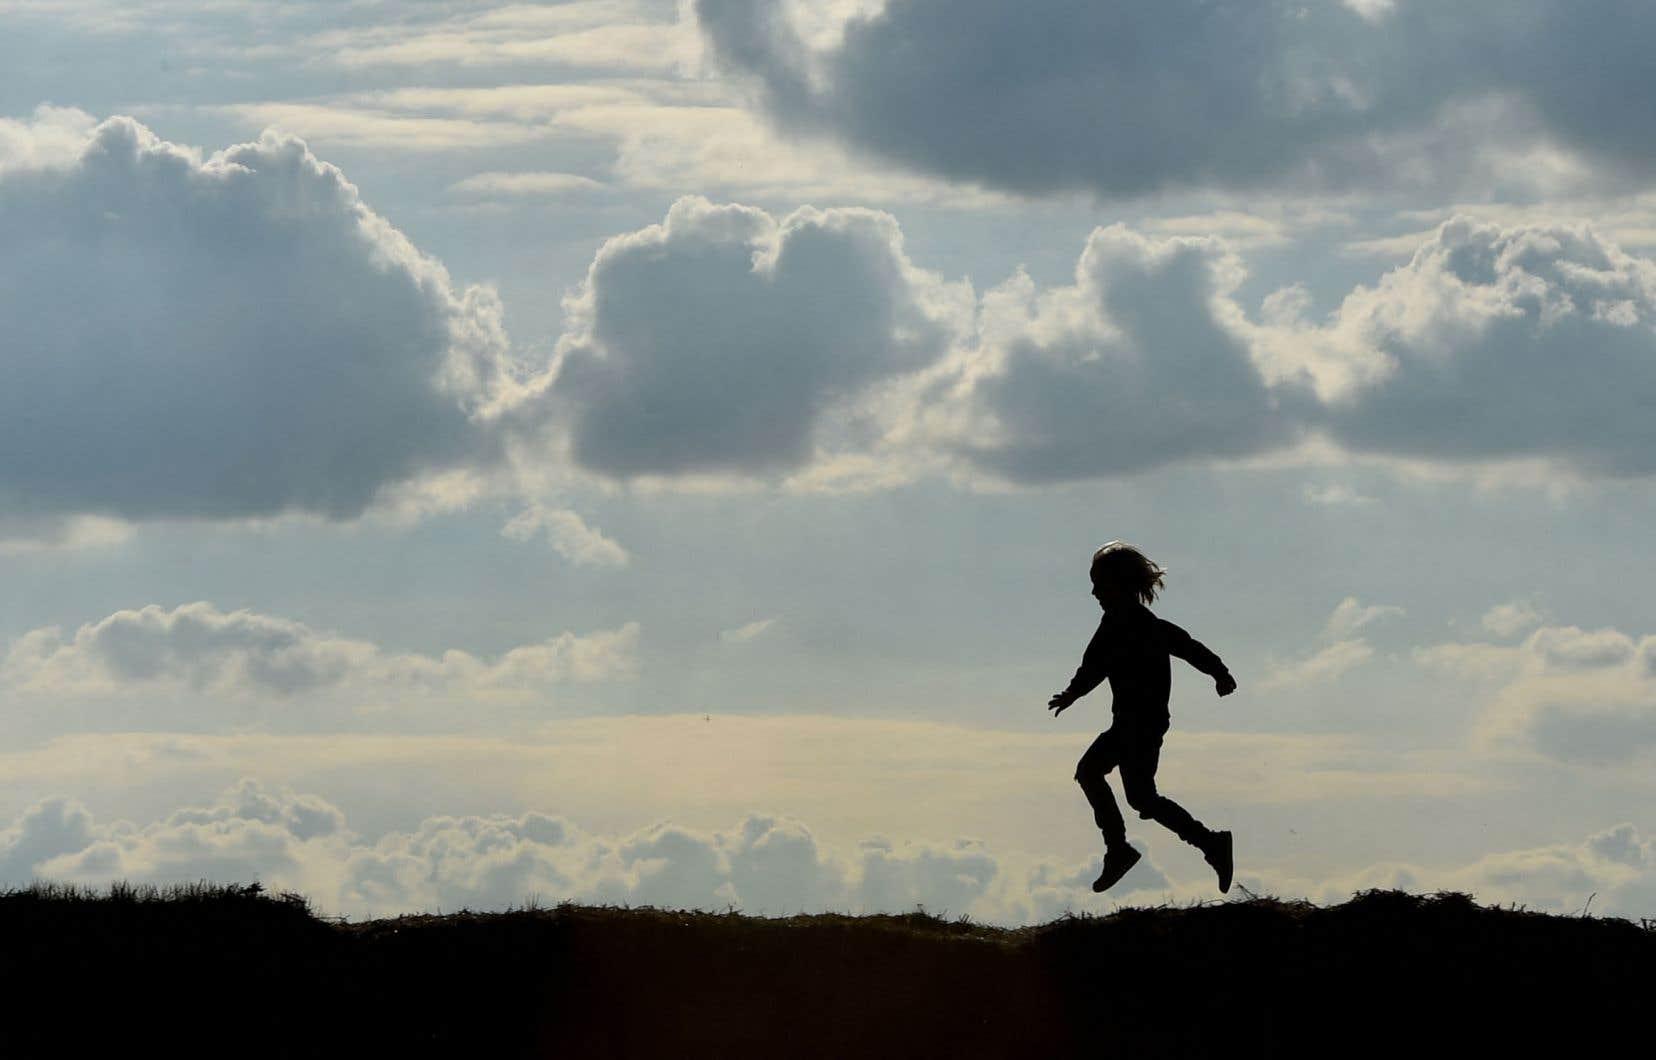 «Armer nos enfants pour notre monde tel qu'il est. Notre monde où, parmi les choses belles que nous avions un peu oubliées, il y a le fait que la vie n'est décidément pas aussi prévisible que prévu», écrit l'autrice.